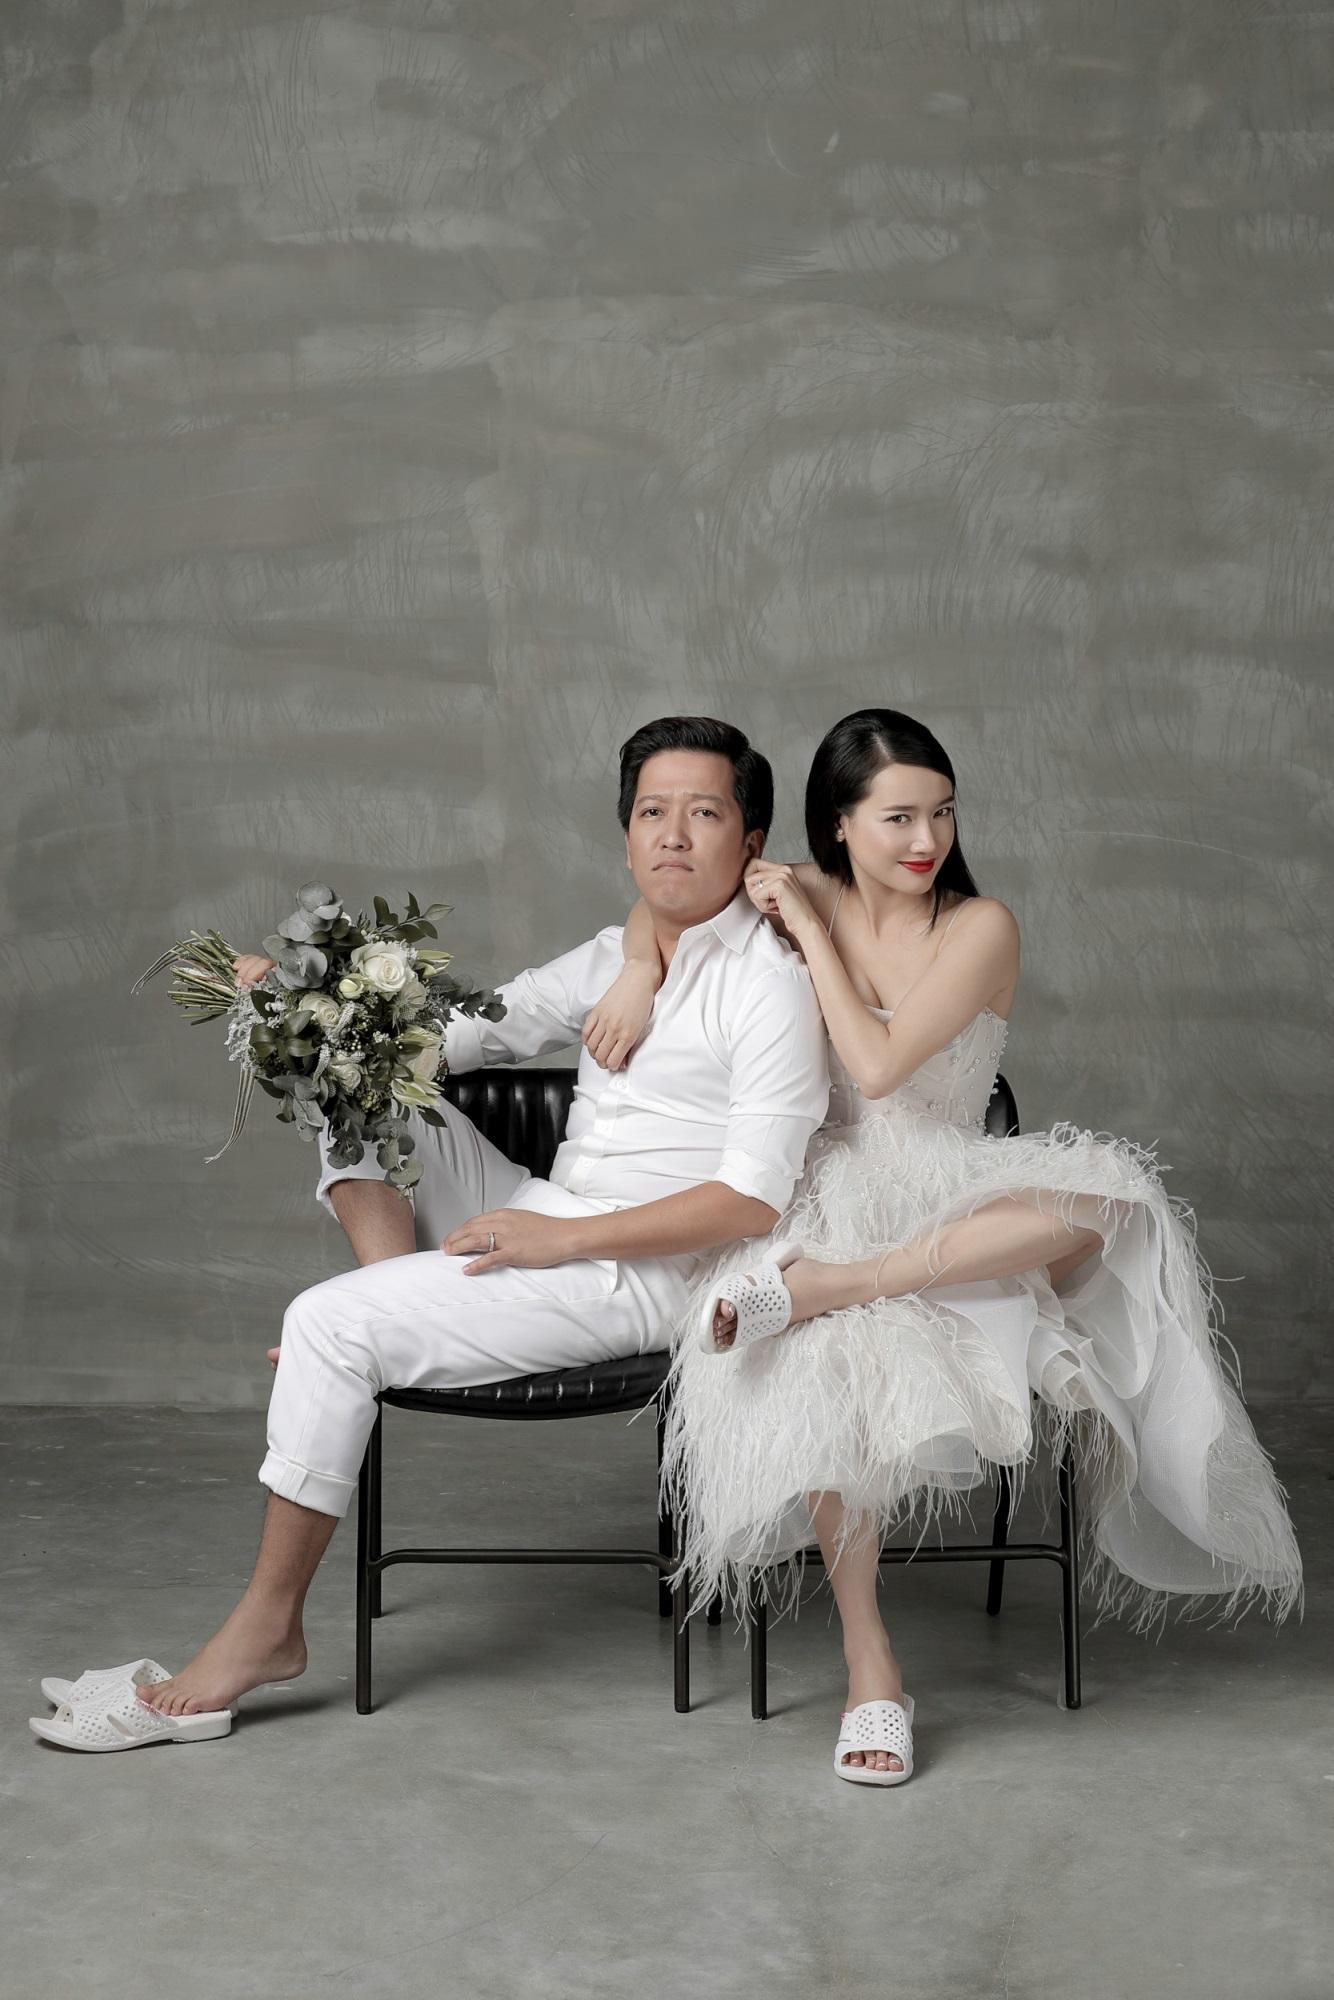 'Rụng tim' khi ngắm trọn bộ ảnh cưới đẹp như tranh vẽ của Trường Giang - Nhã Phương - Ảnh 6